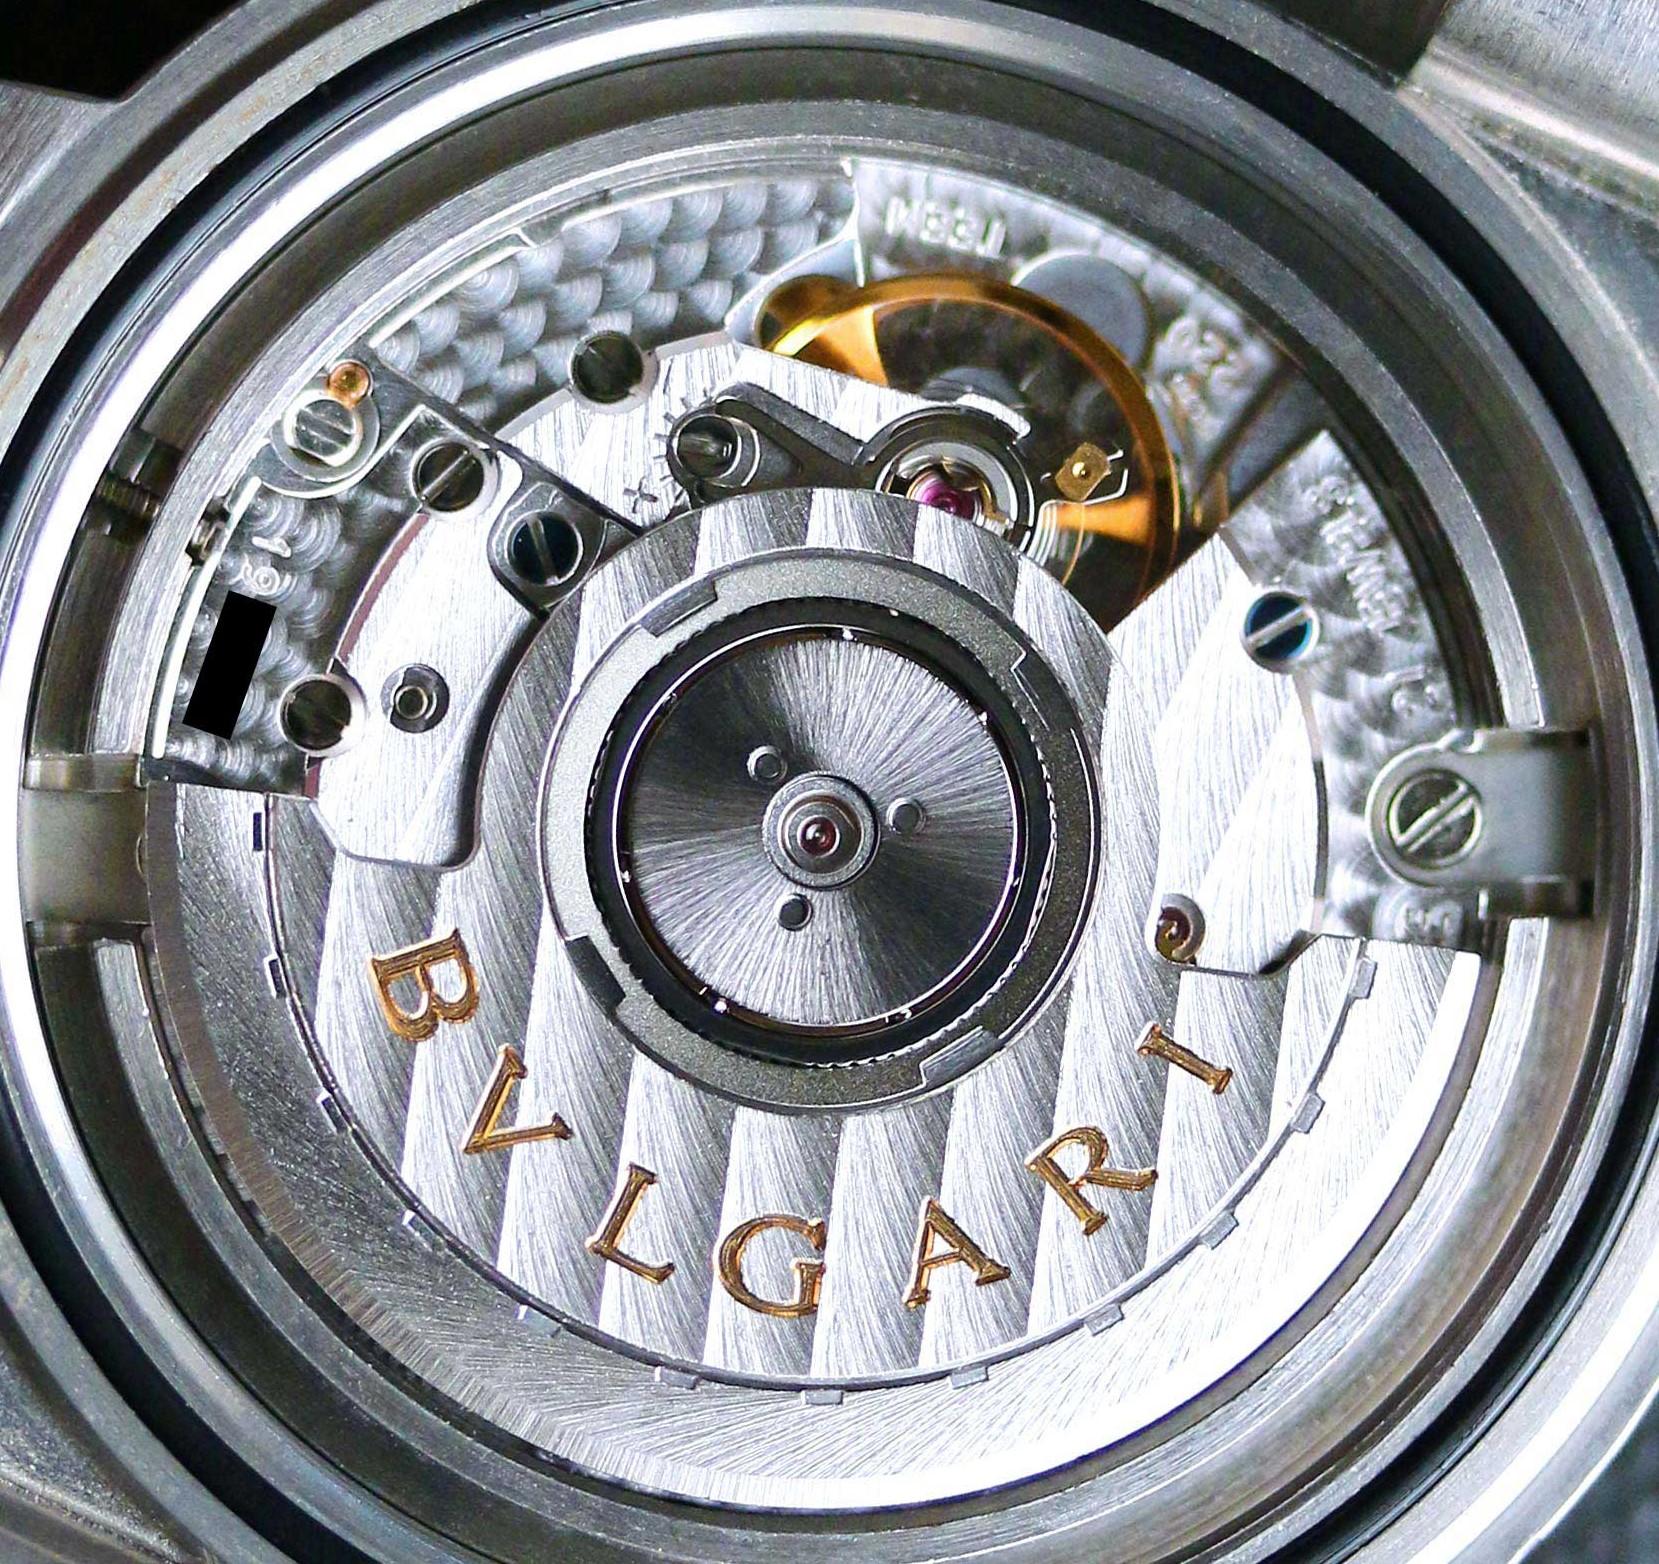 Bvlgari Chronometer Saat Tamiri - Bvlgari 220 / Eta 2892 Kalibre